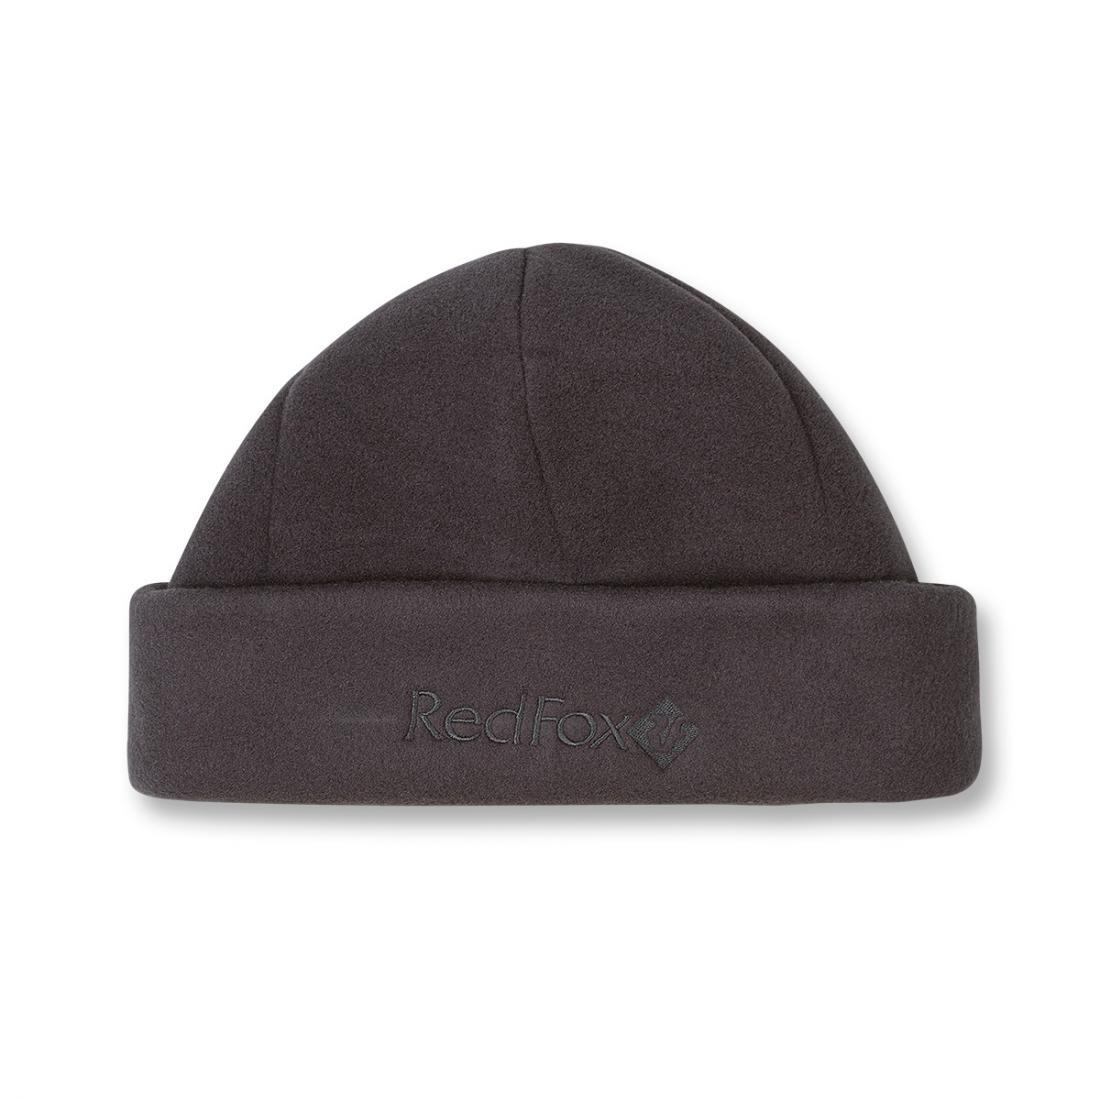 Шапка Polartec ClassicШапки<br><br> Теплая шапка классического дизайна из материала Polartec® 200<br><br><br> Основные характеристики<br><br><br>комфортная посадка<br>эргоном...<br><br>Цвет: Темно-серый<br>Размер: 58